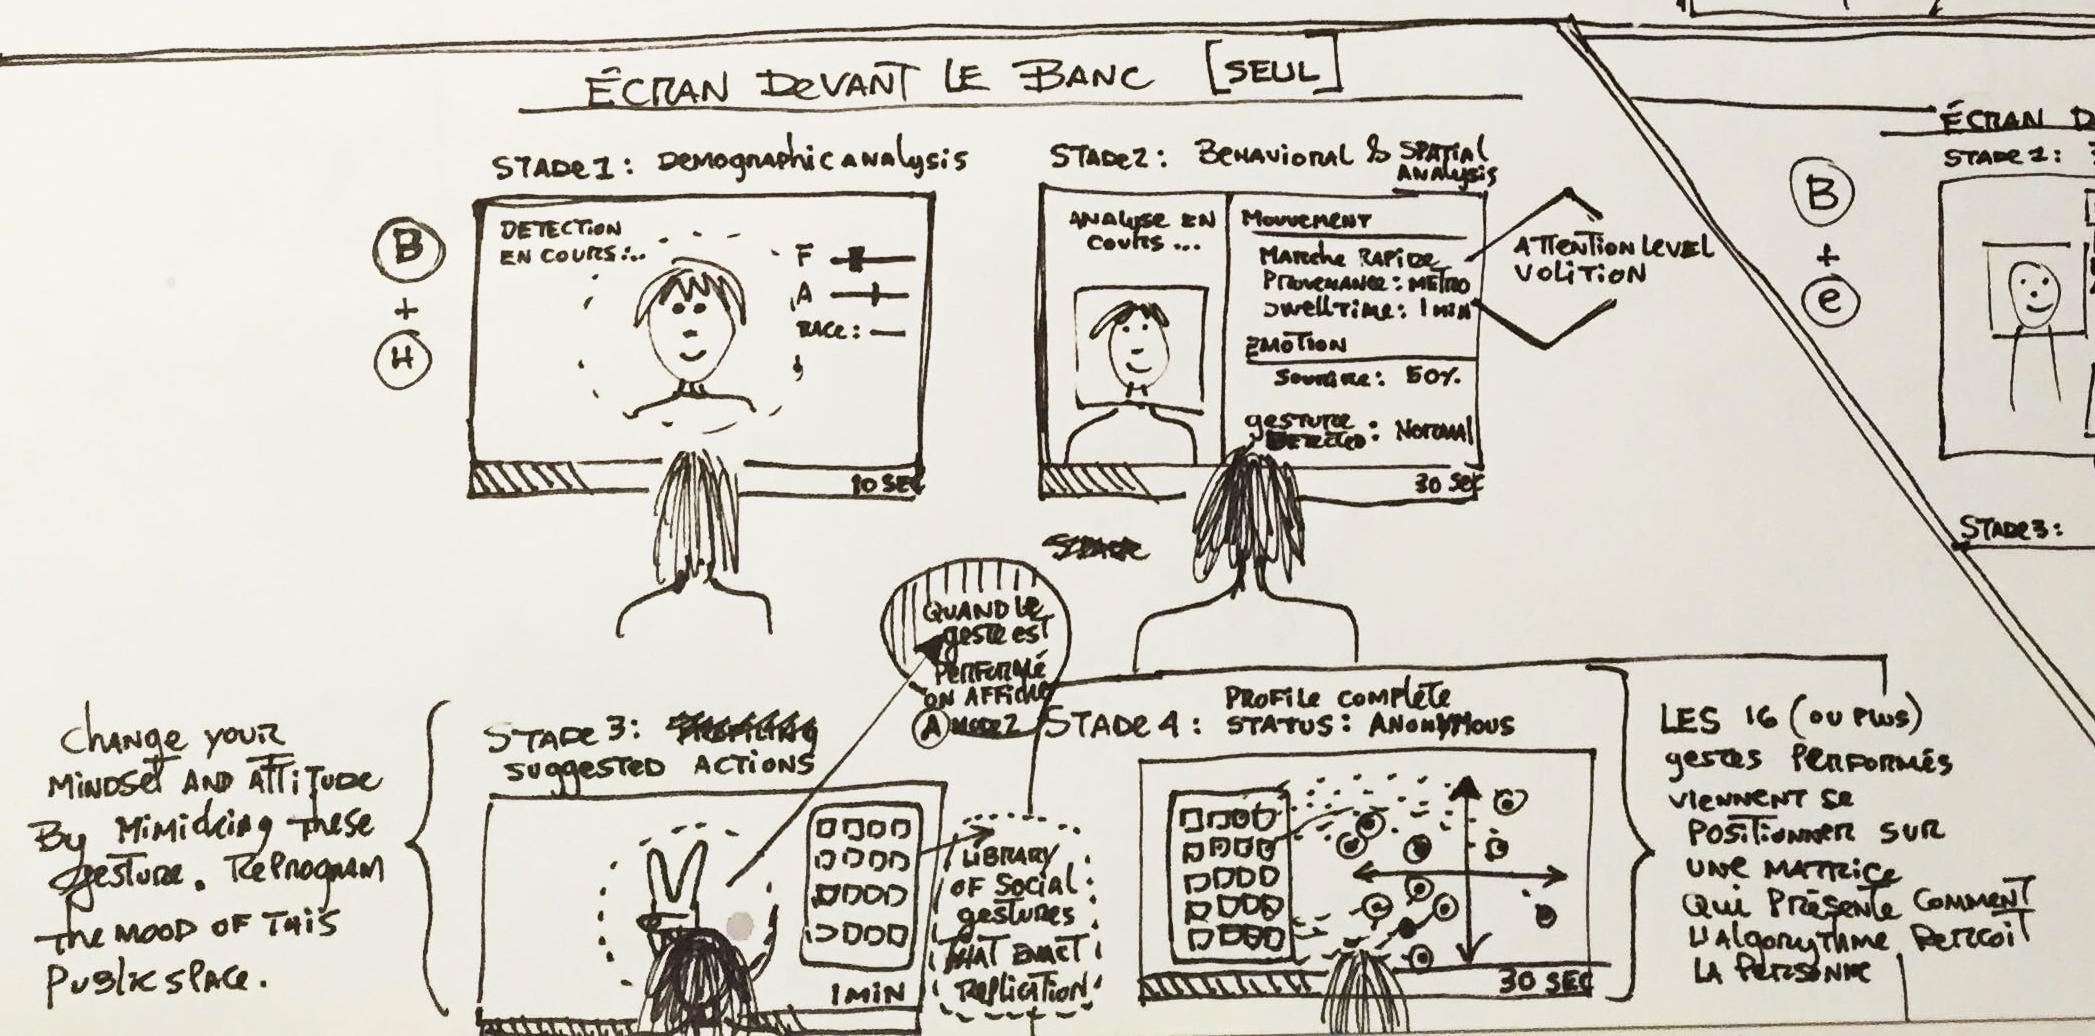 ecran_devant_blogue